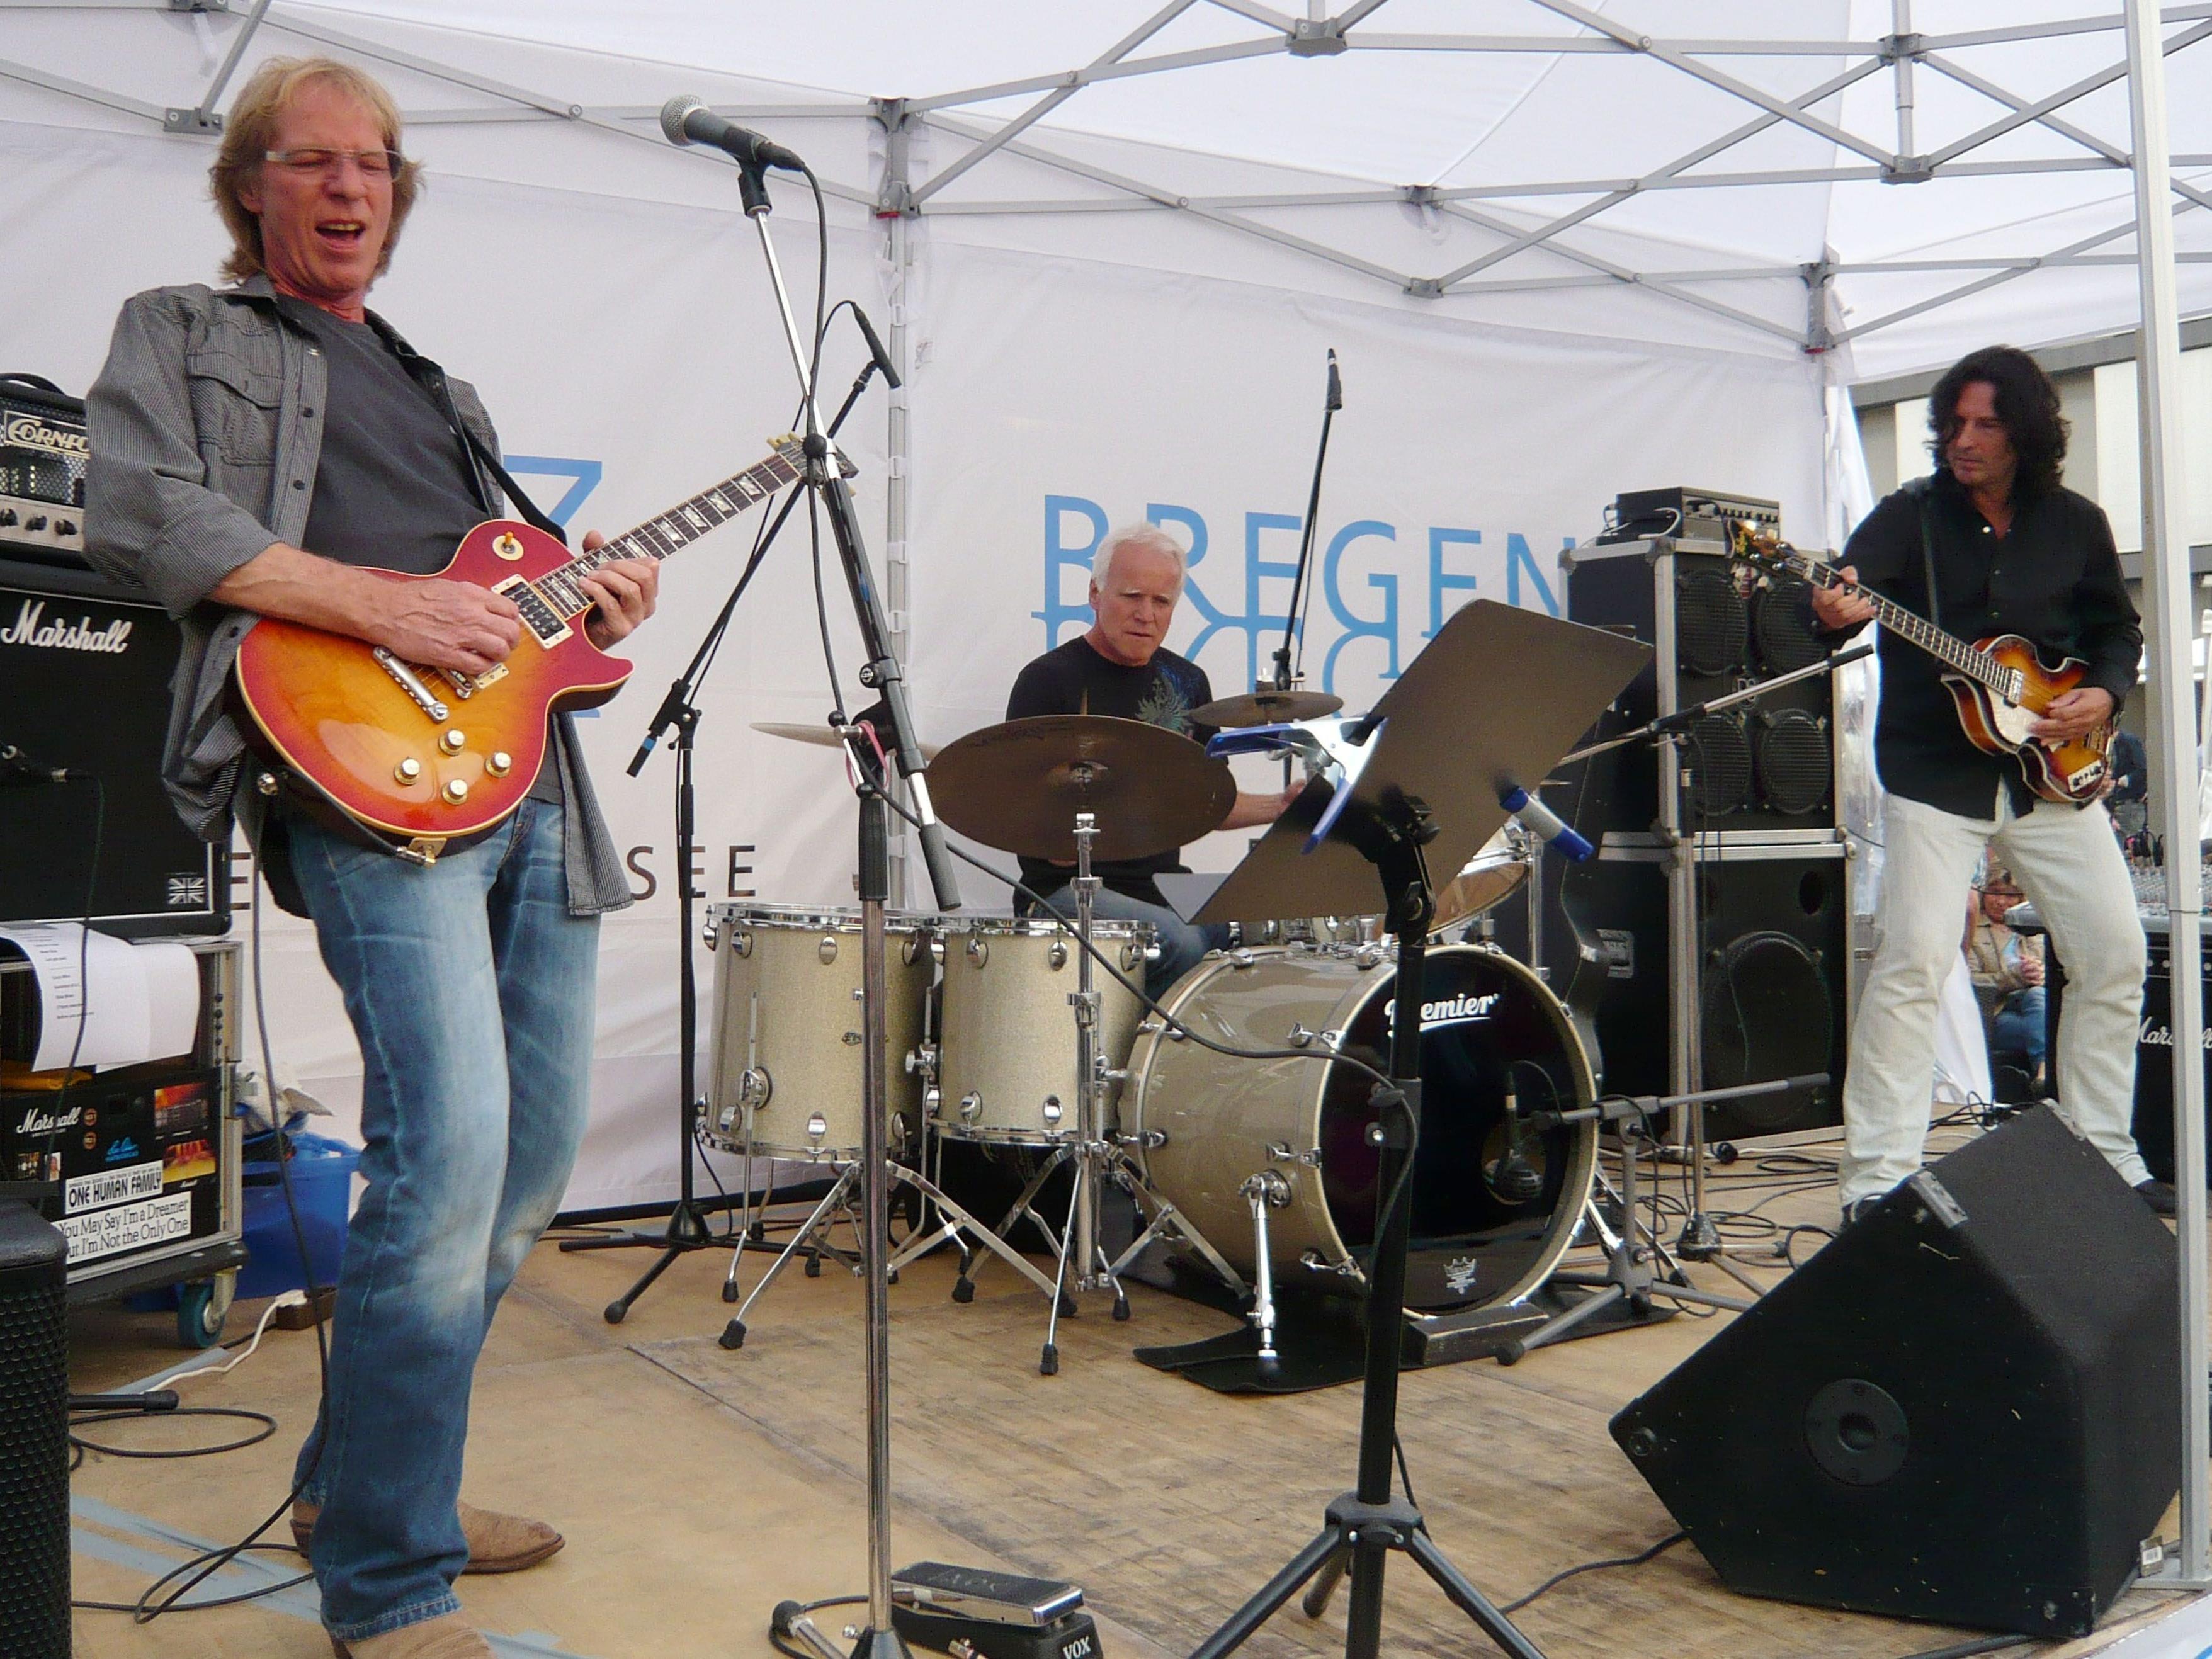 Mit von der Party ist die Harry Bischofberger Band.